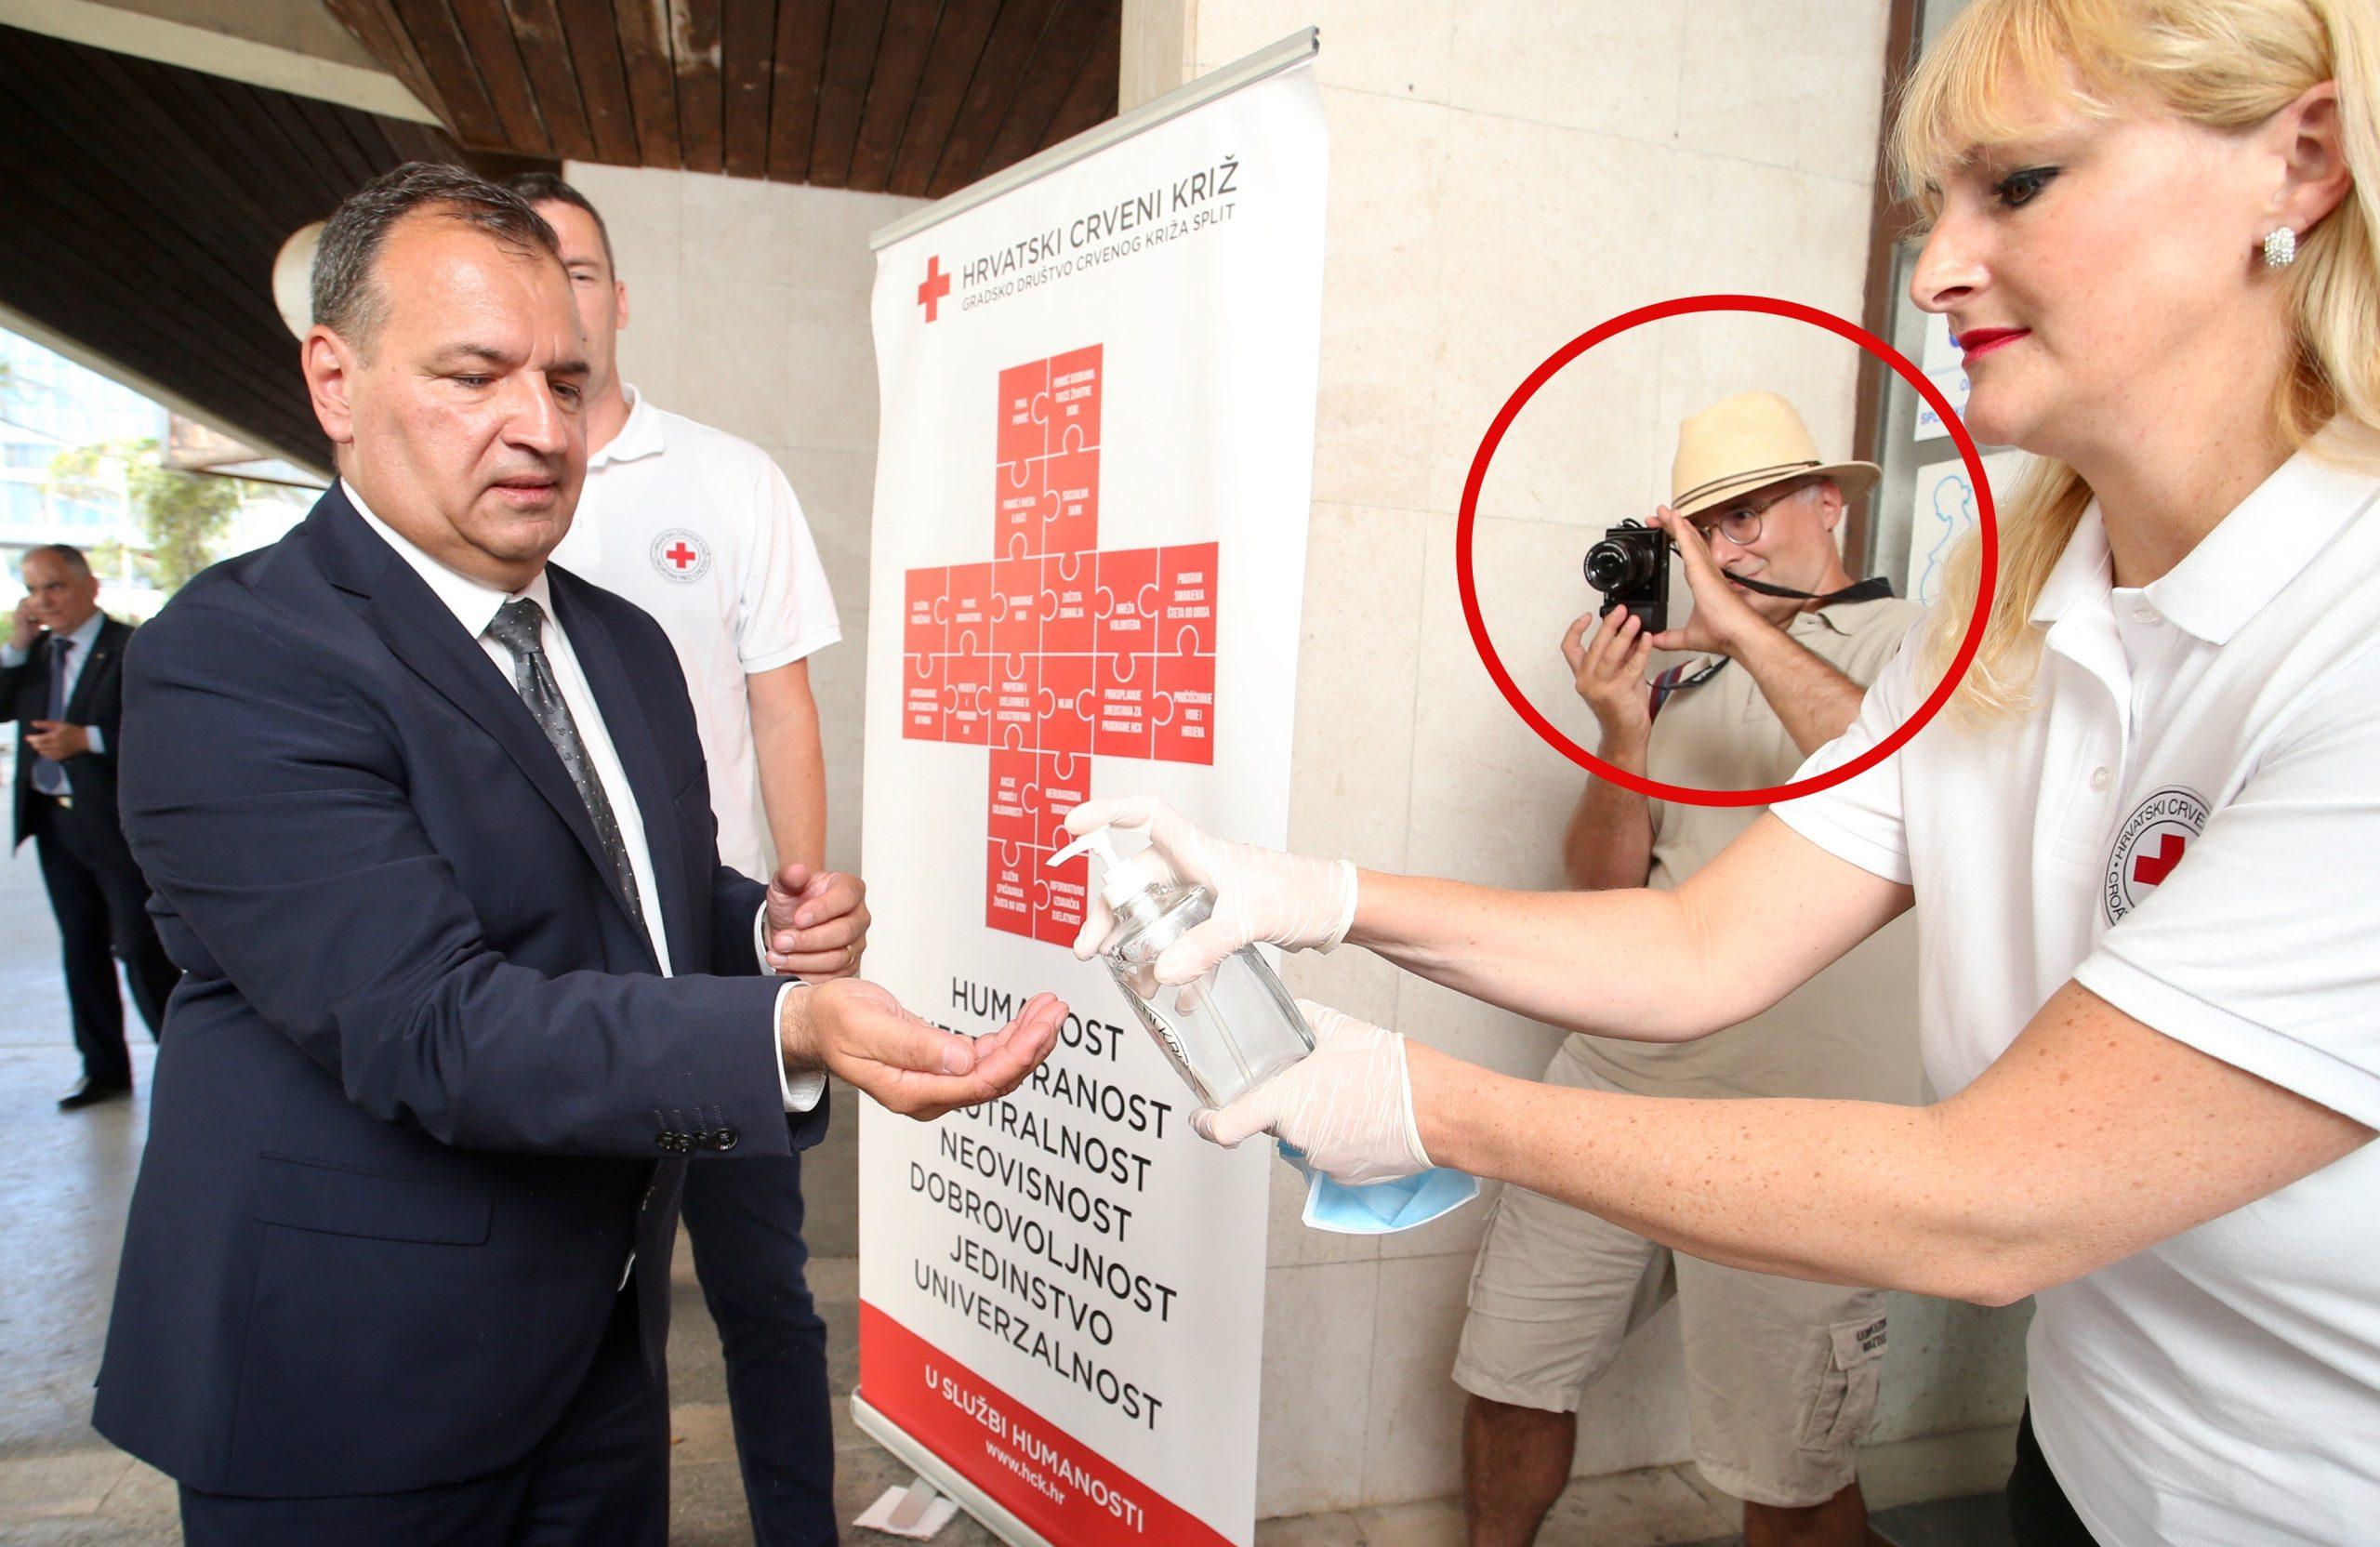 Vinko Kojundžić (u crvenom krugu) fotografiran u ležernom izdanju dok fotografira ministra Vilija Beroša prilikom posjeta splitskom Crvenom križu / Foto Ivo Cagalj/PIXSELL